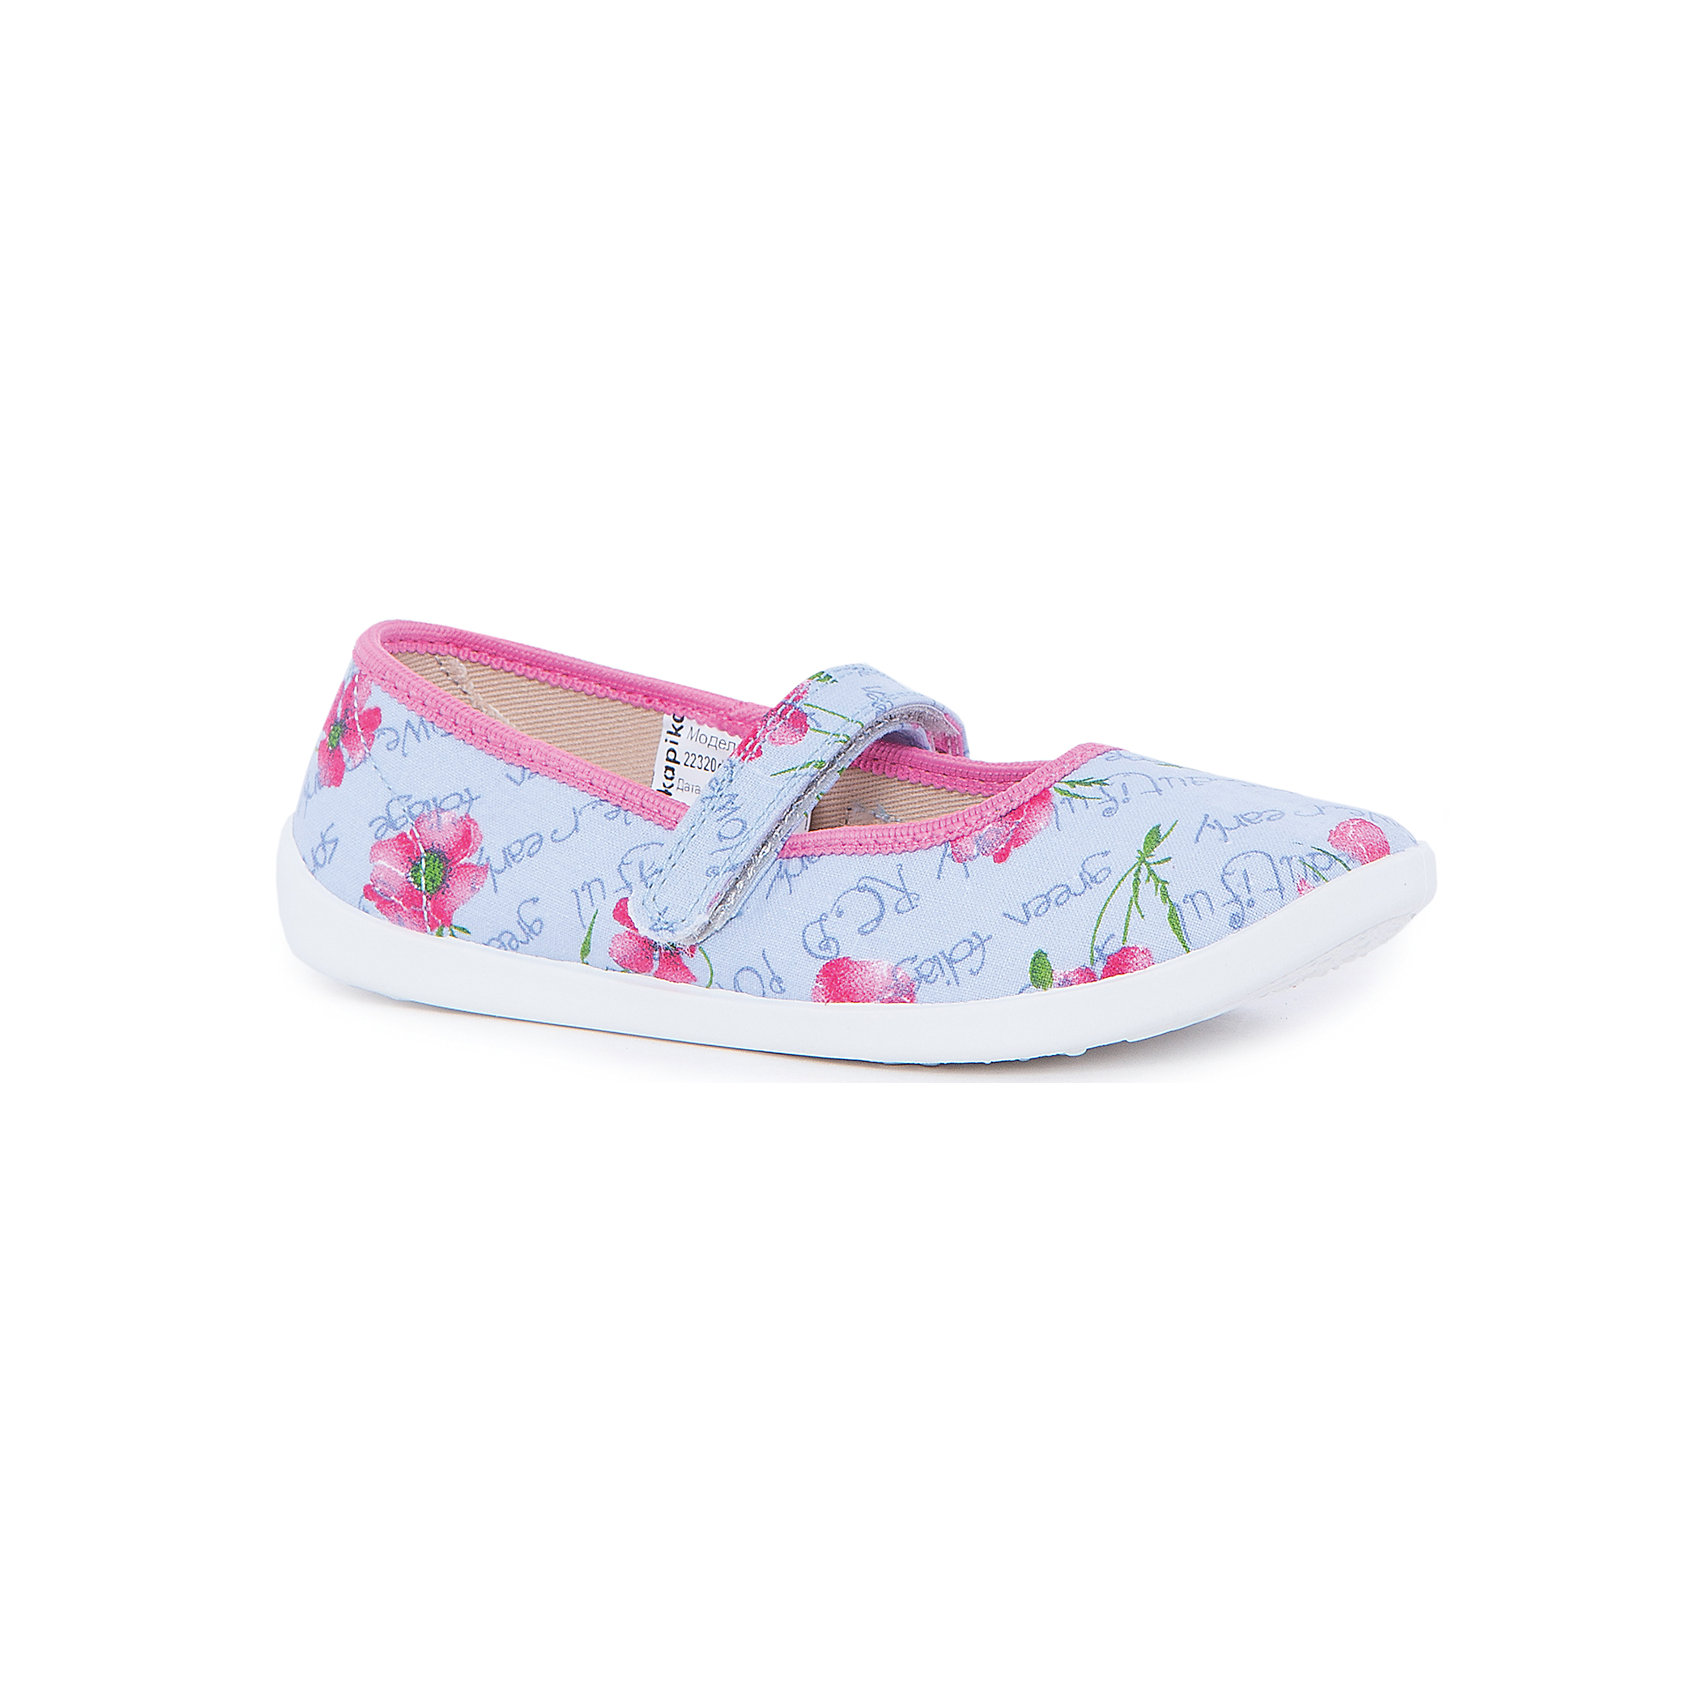 Туфли для девочки KAPIKAТуфли для девочки KAPIKA станут отличным вариантом для летних прогулок. Туфельки очень удобные и не будут натирать ножки. Они не будут сковывать движение и прогулки станут особенно интересными. <br><br>Характеристика:<br>-Цвет: голубой<br>-Материал: верх - текстиль, стелька - кожа,                       подошва - полимер,                       подкладка - текстиль<br>-Застёжка: липучка<br>-Бренд: KAPIKA(КАПИКА)<br><br>Туфли для девочки KAPIKA  вы можете приобрести в нашем интернет- магазине.<br><br>Ширина мм: 227<br>Глубина мм: 145<br>Высота мм: 124<br>Вес г: 325<br>Цвет: синий<br>Возраст от месяцев: 120<br>Возраст до месяцев: 132<br>Пол: Женский<br>Возраст: Детский<br>Размер: 34,33,32,31,30,35<br>SKU: 4987733